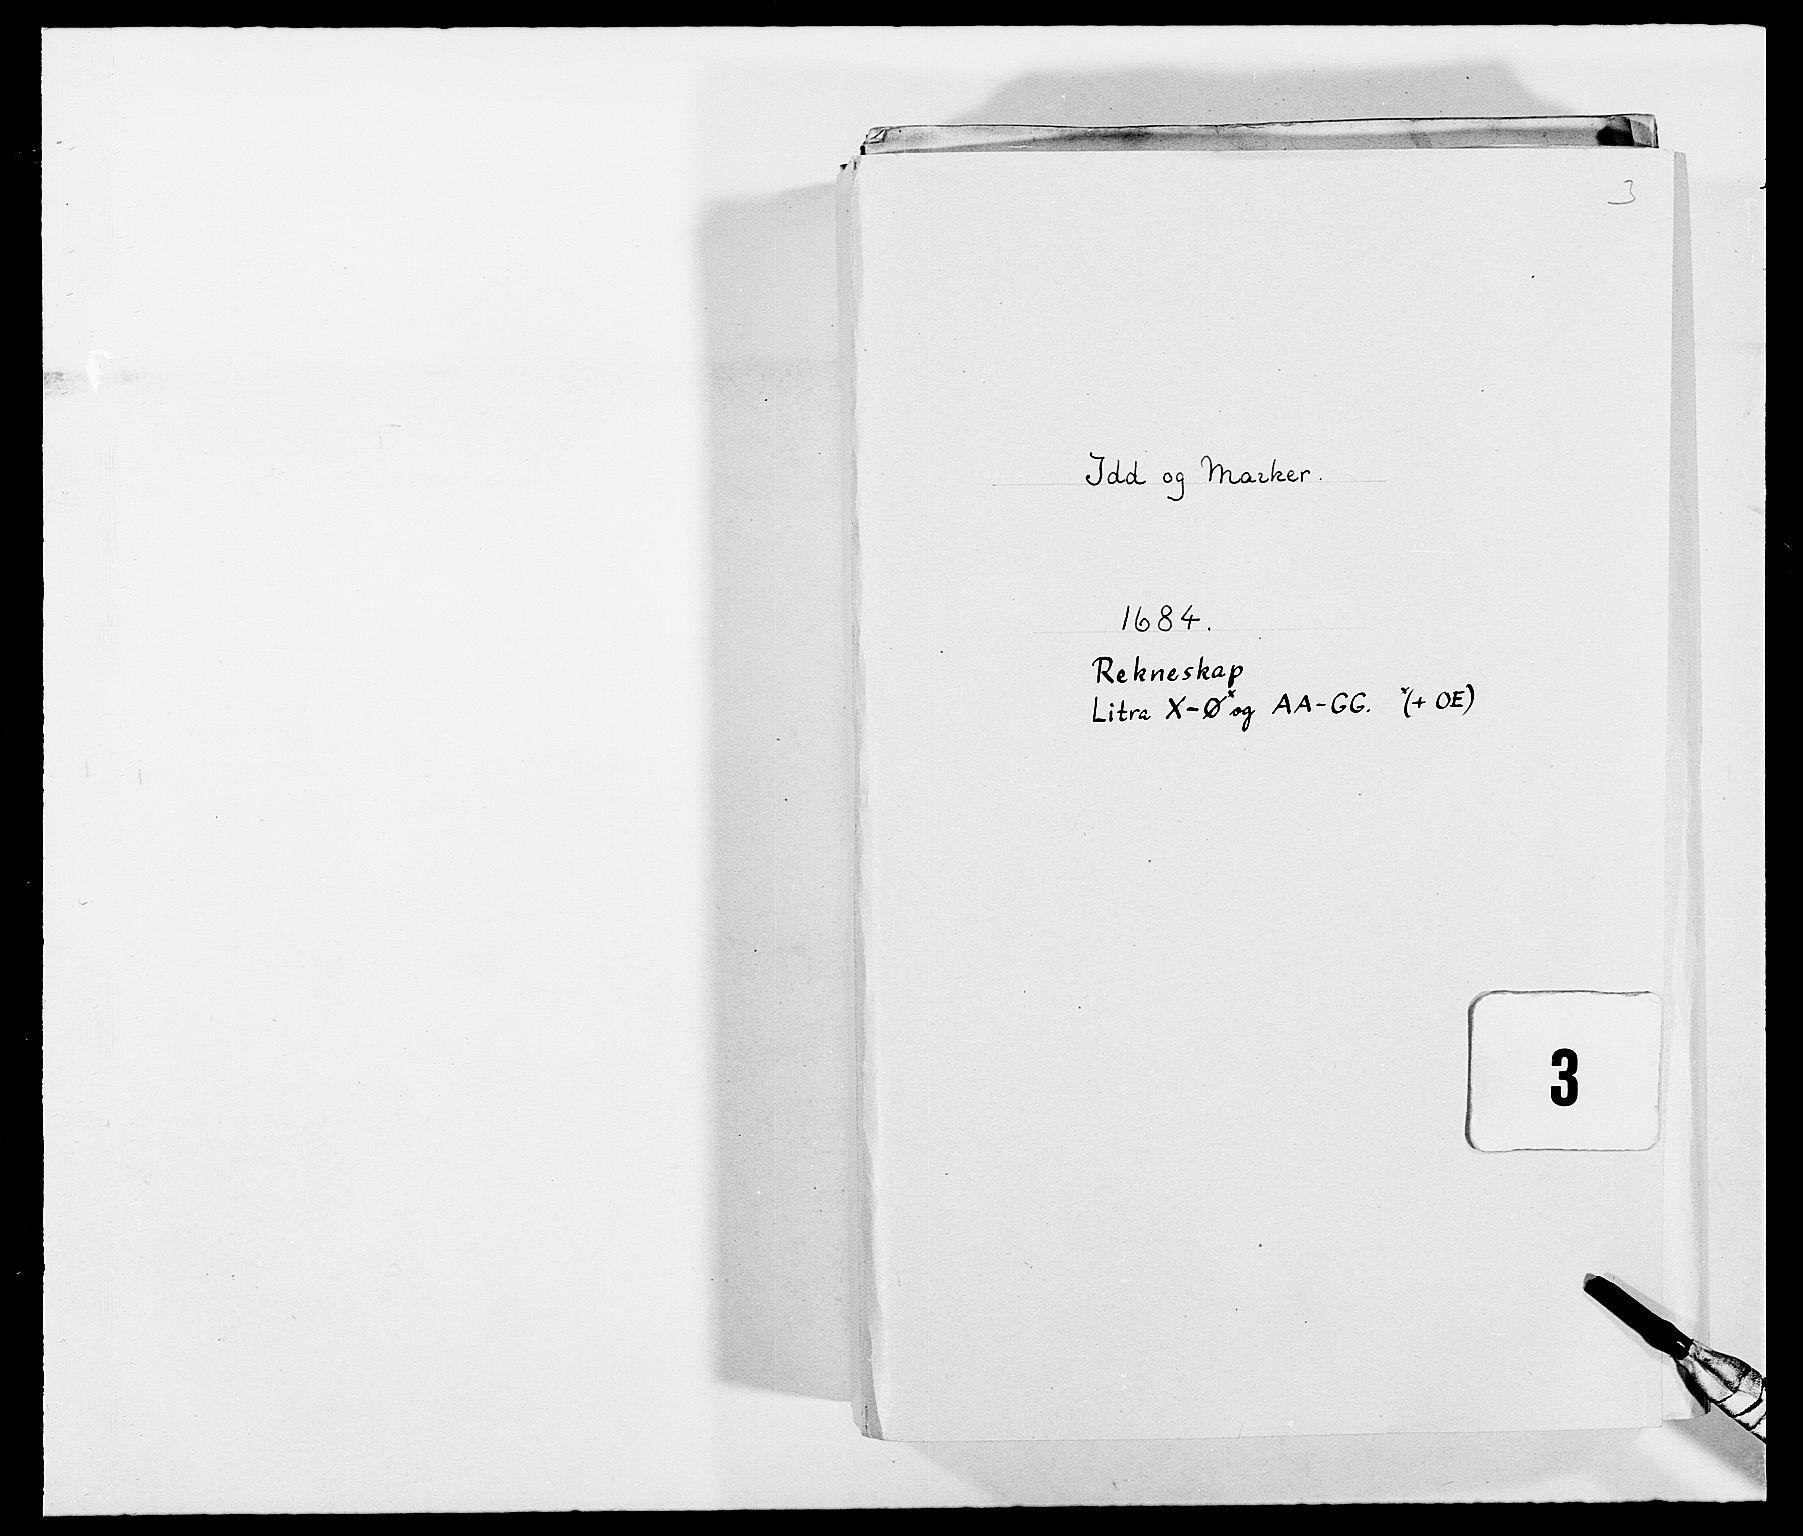 RA, Rentekammeret inntil 1814, Reviderte regnskaper, Fogderegnskap, R01/L0005: Fogderegnskap Idd og Marker , 1682-1684, p. 1